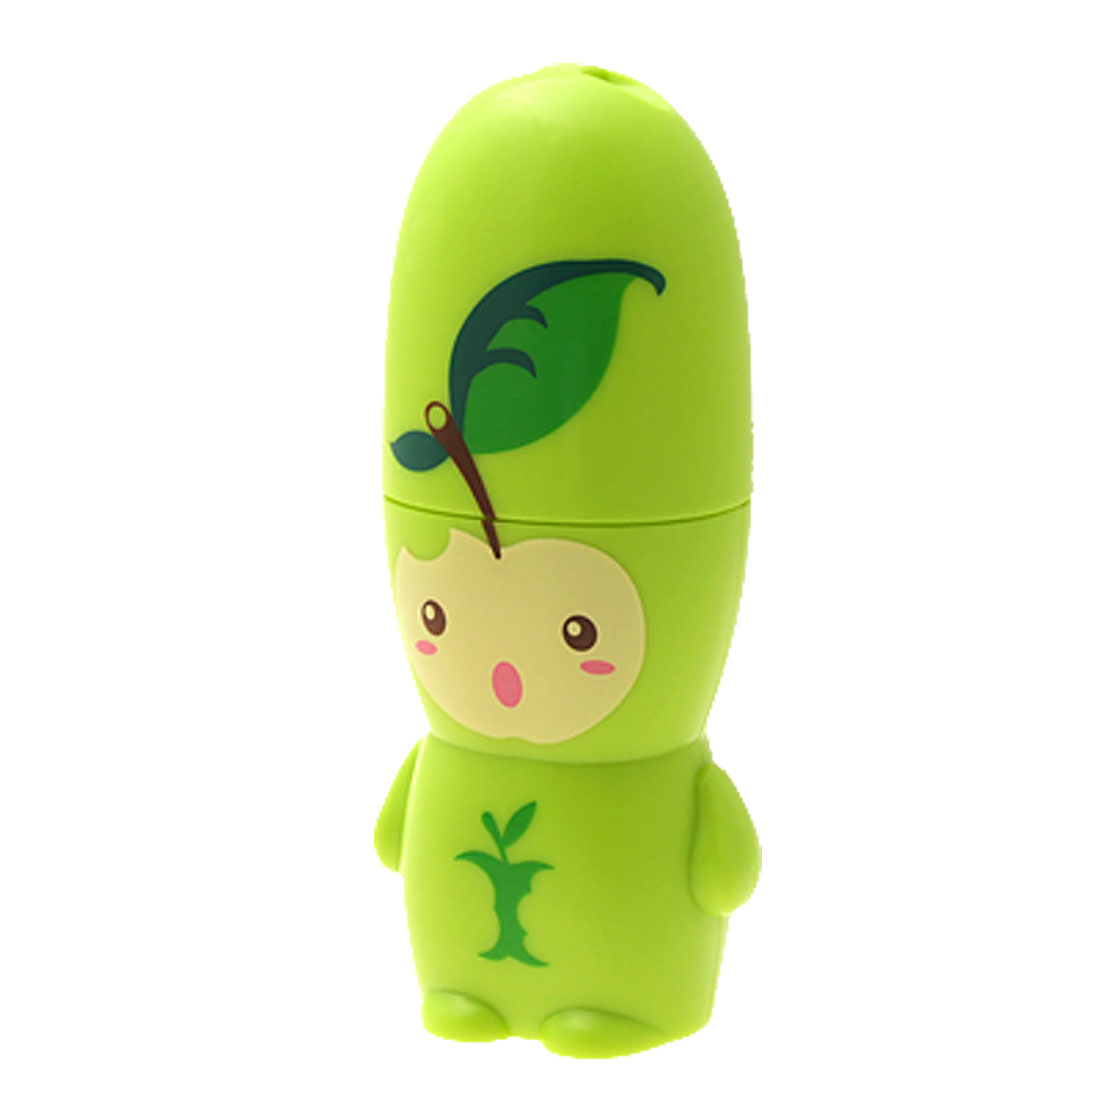 Portable Ultra Small Cartoon Apple Pattern Battery Powered Green Fan